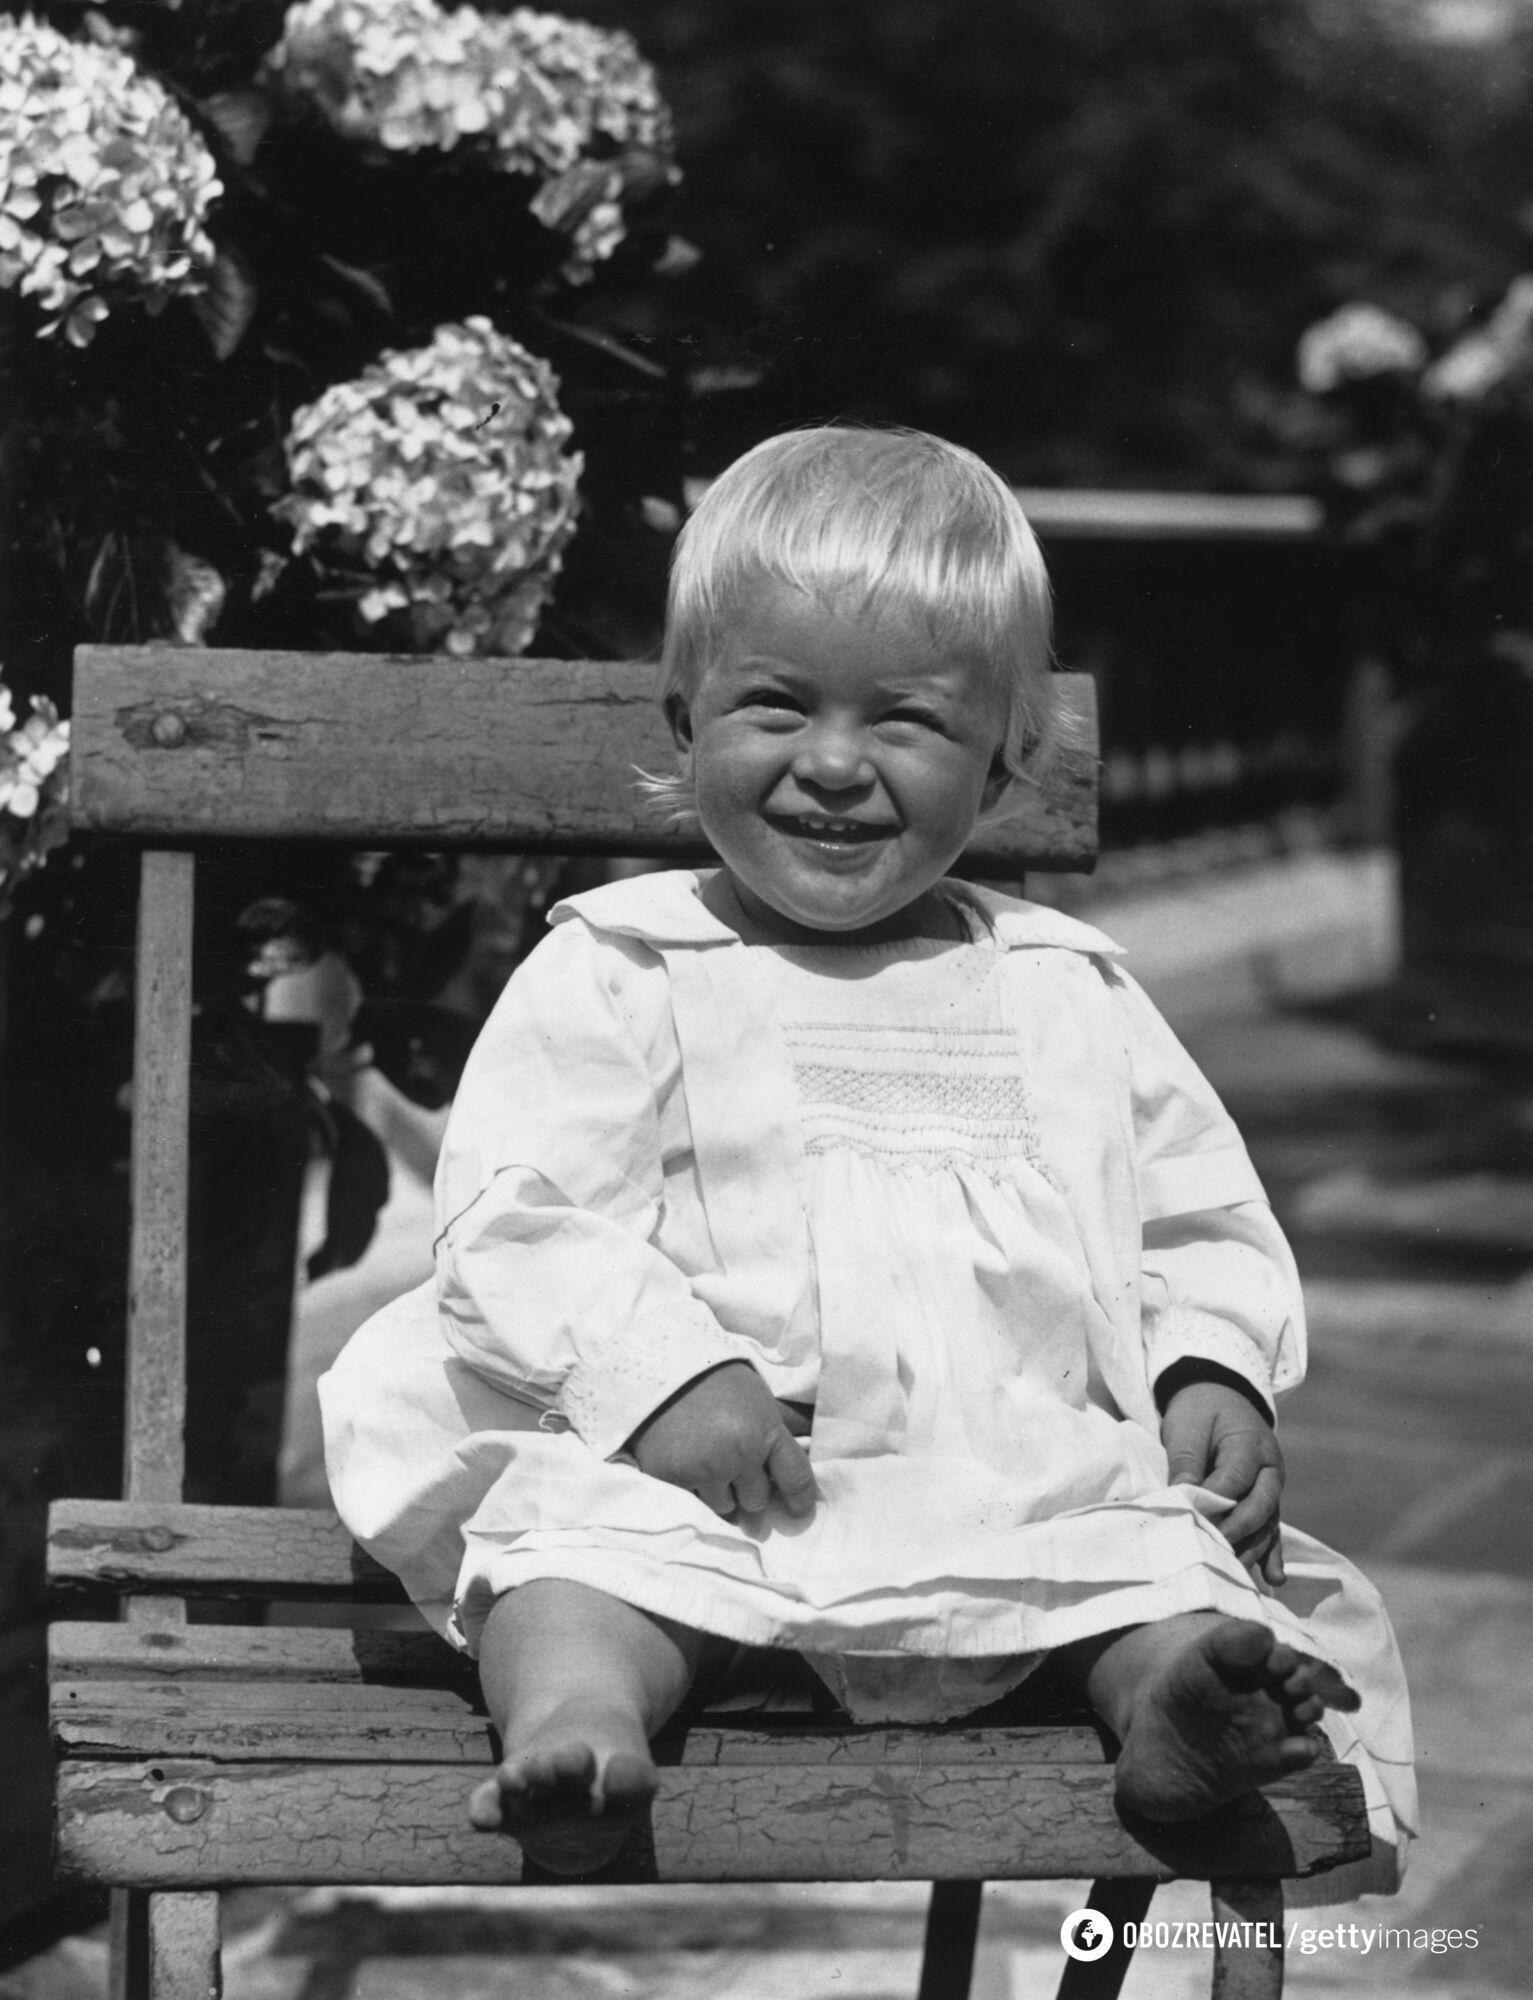 Принц Филипп родился в 1921 году в Греции.